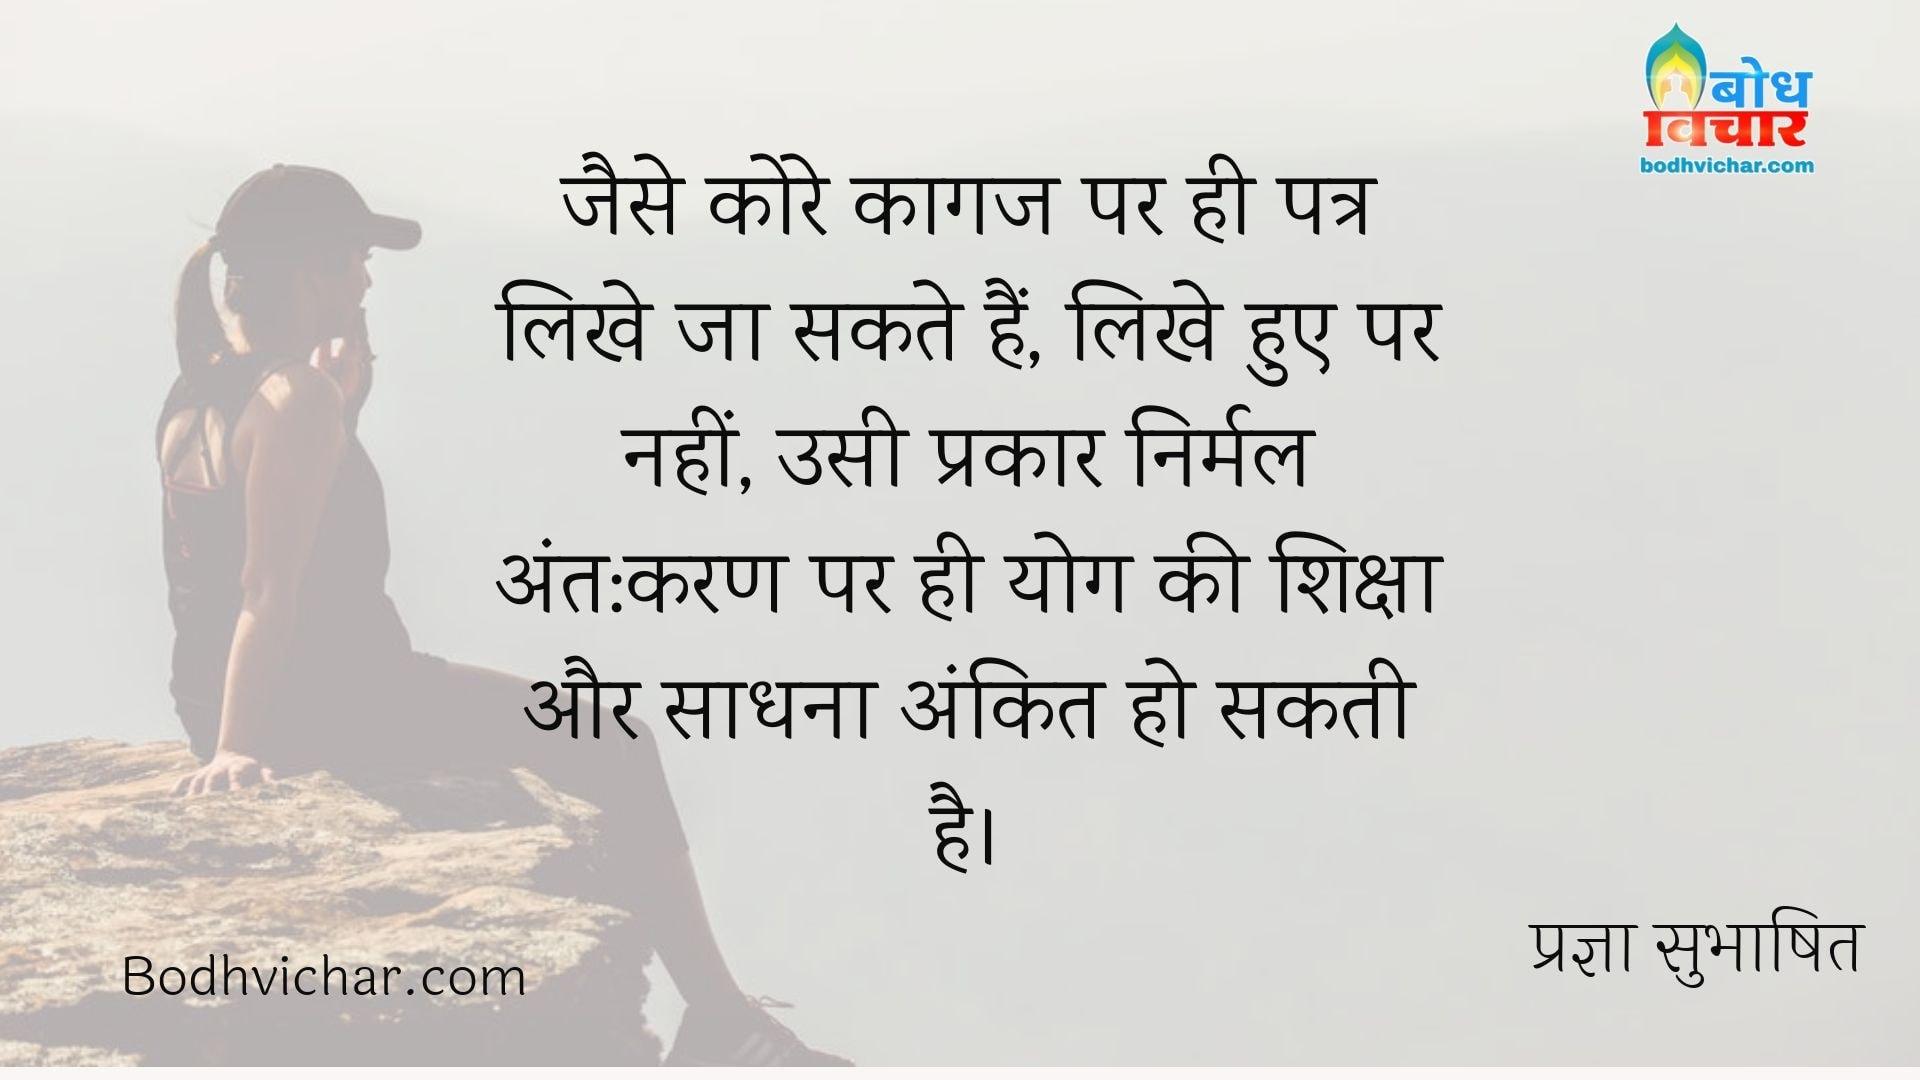 जैसे कोरे कागज पर ही पत्र लिखे जा सकते हैं, लिखे हुए पर नहीं, उसी प्रकार निर्मल अंत:करण पर ही योग की शिक्षा और साधना अंकित हो सकती है। : Jaise kore kagaj par hi patra likhe ja sak, likhe hue ke oopar nahi, usi prakar nirmal antahkaran par hi yoga ki shisksha aur sadhna ankit ho sakti hai. - प्रज्ञा सुभाषित